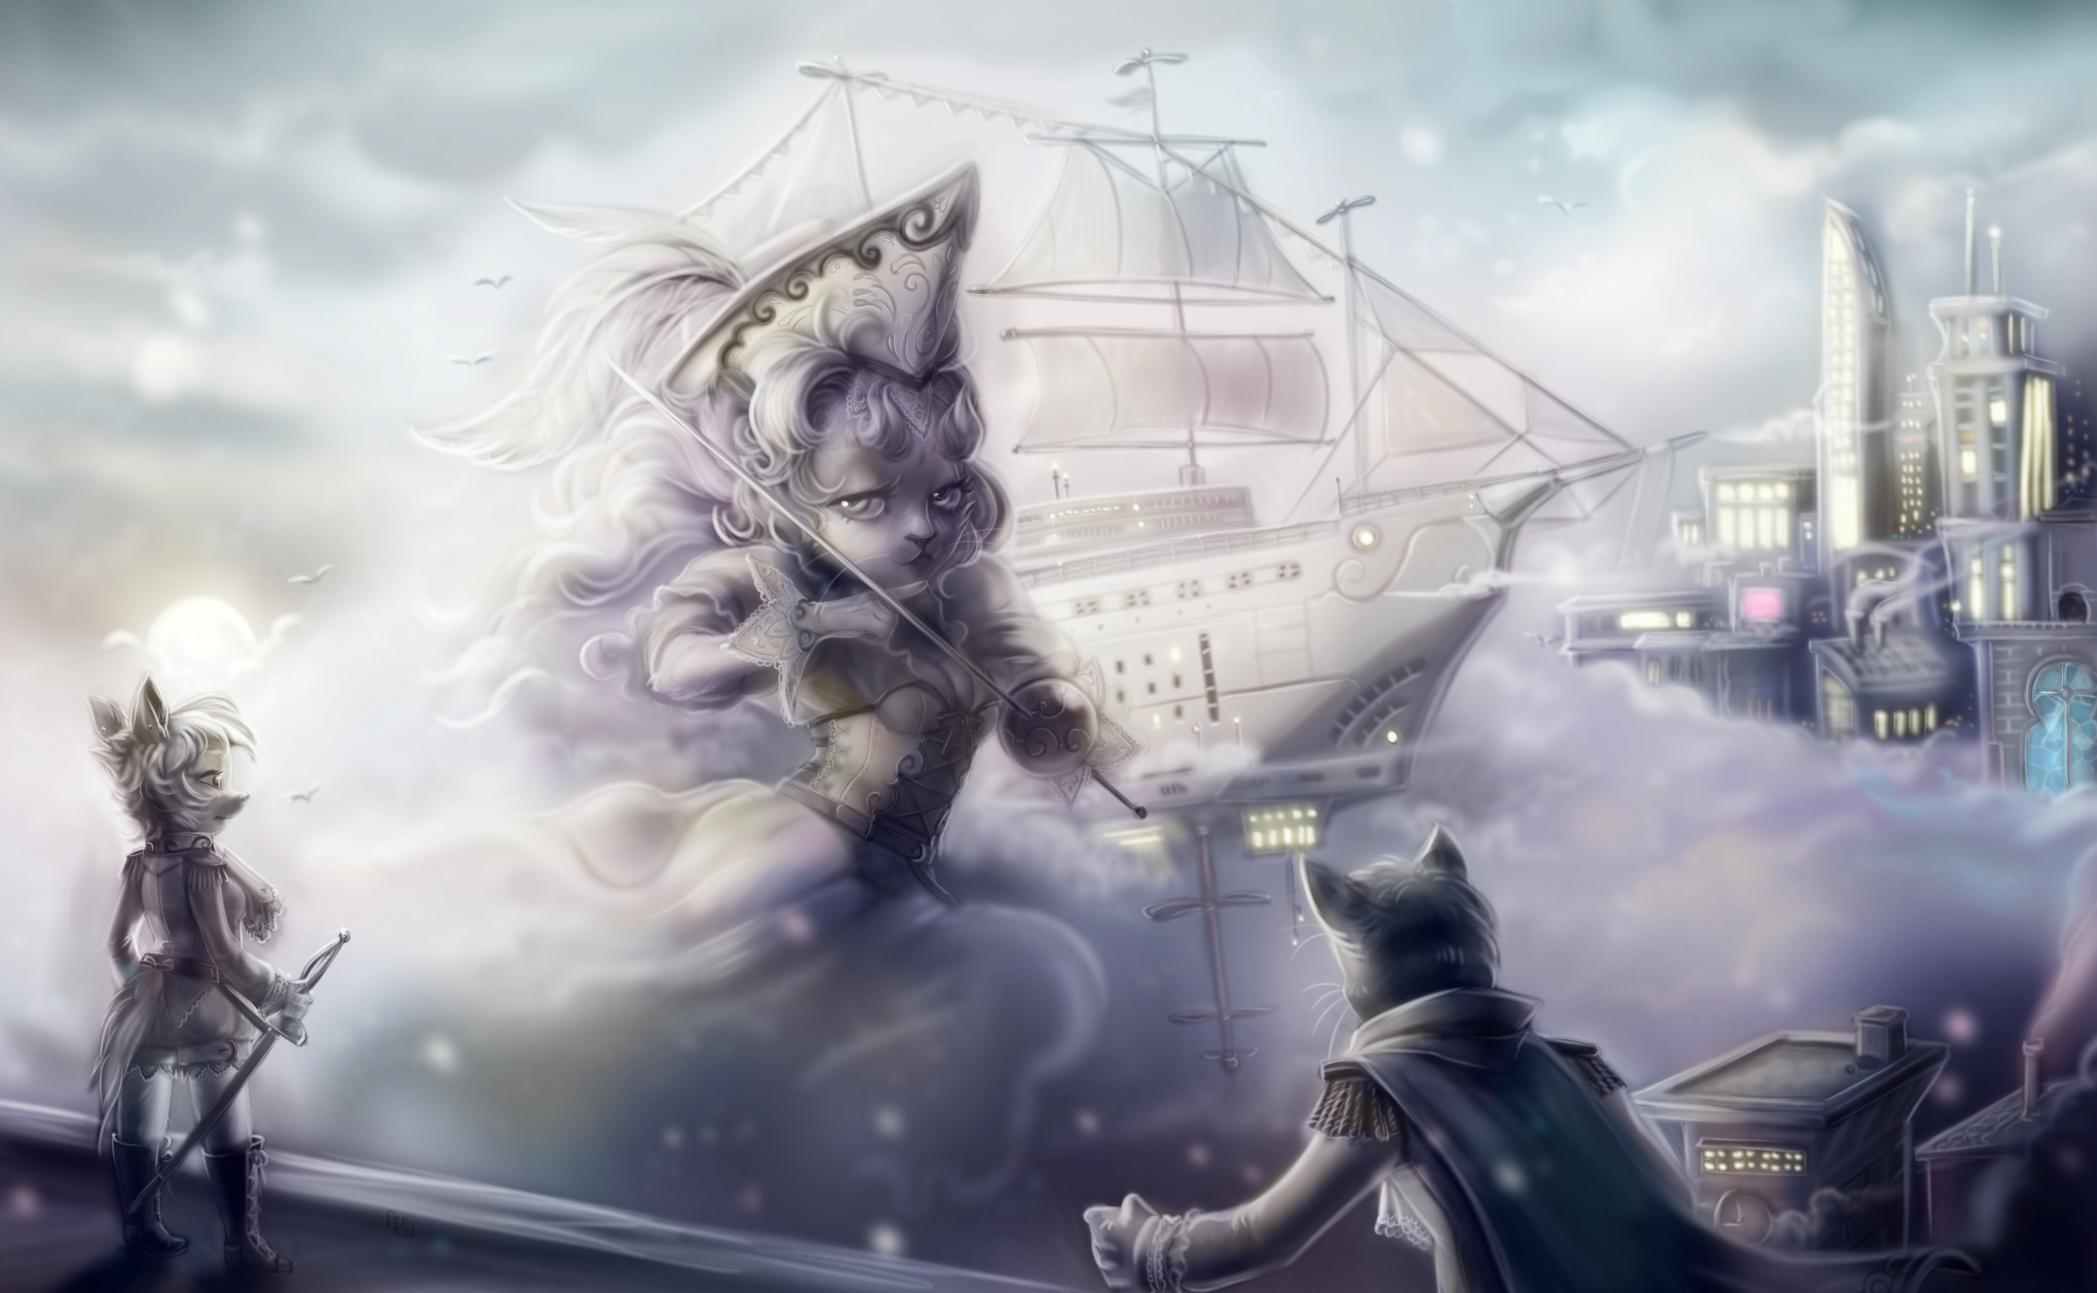 Summon The Captain